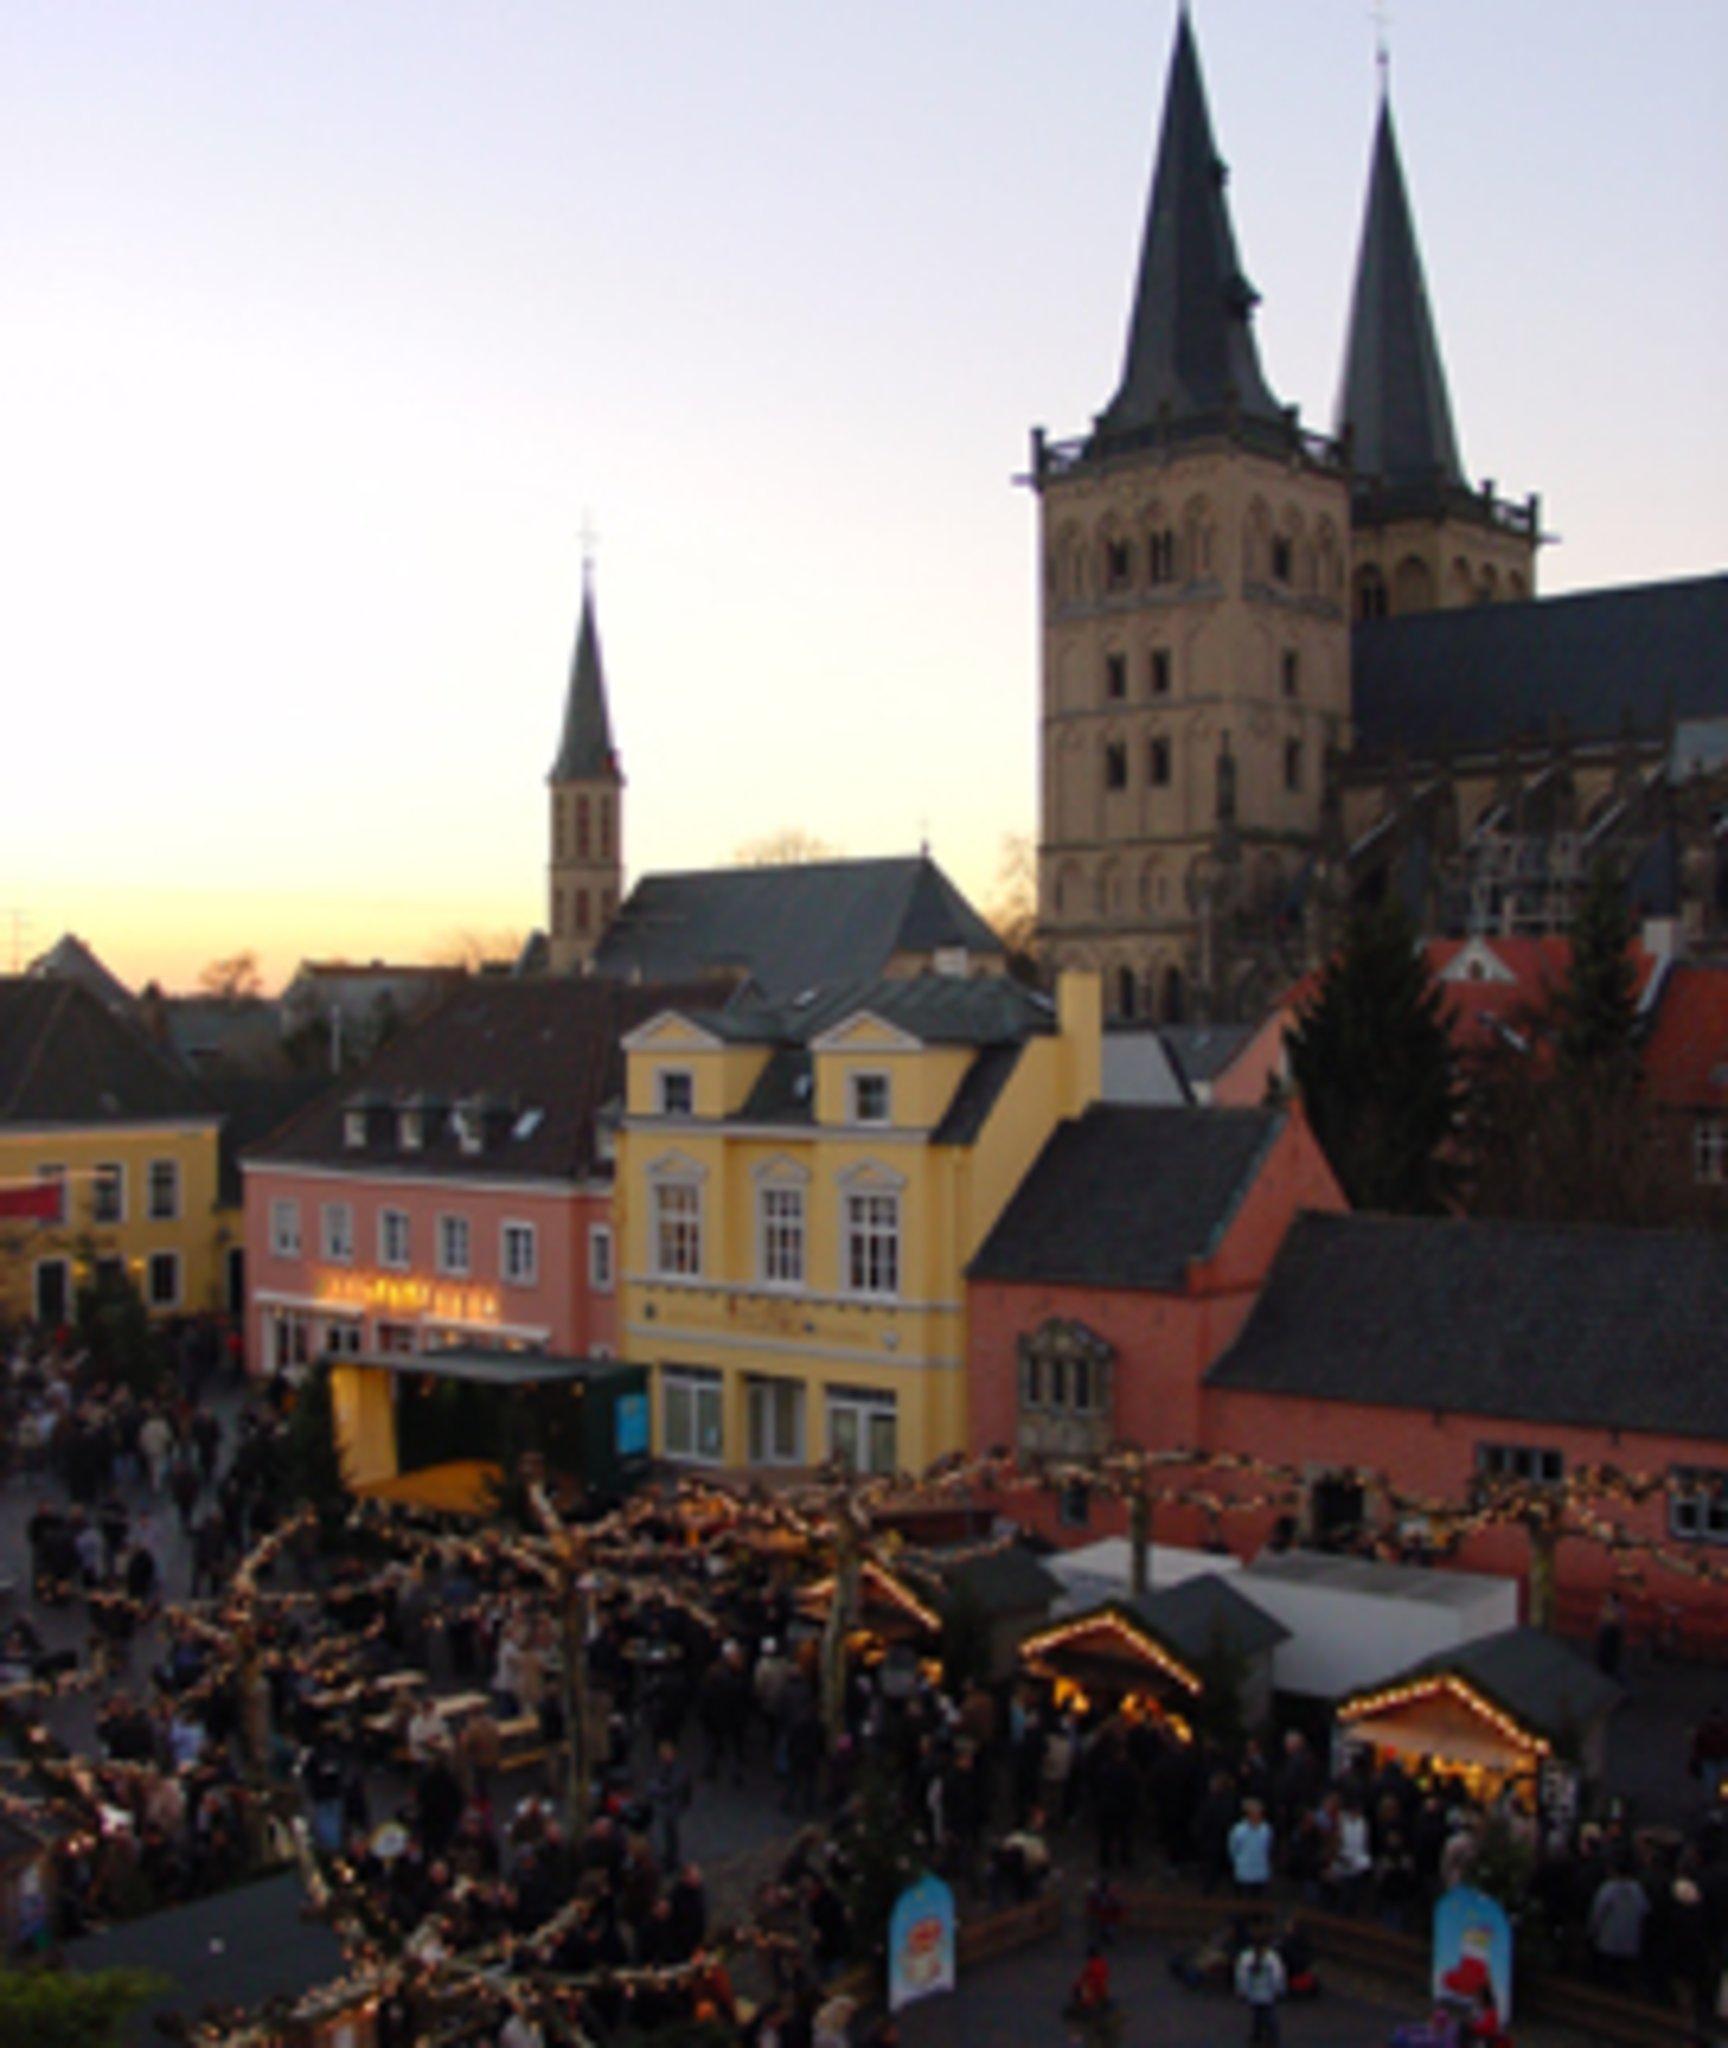 Totensonntag Weihnachtsmarkt.Sonntagsfrage 11 Können Weihnachtsmärkte Den Totensonntag Nicht